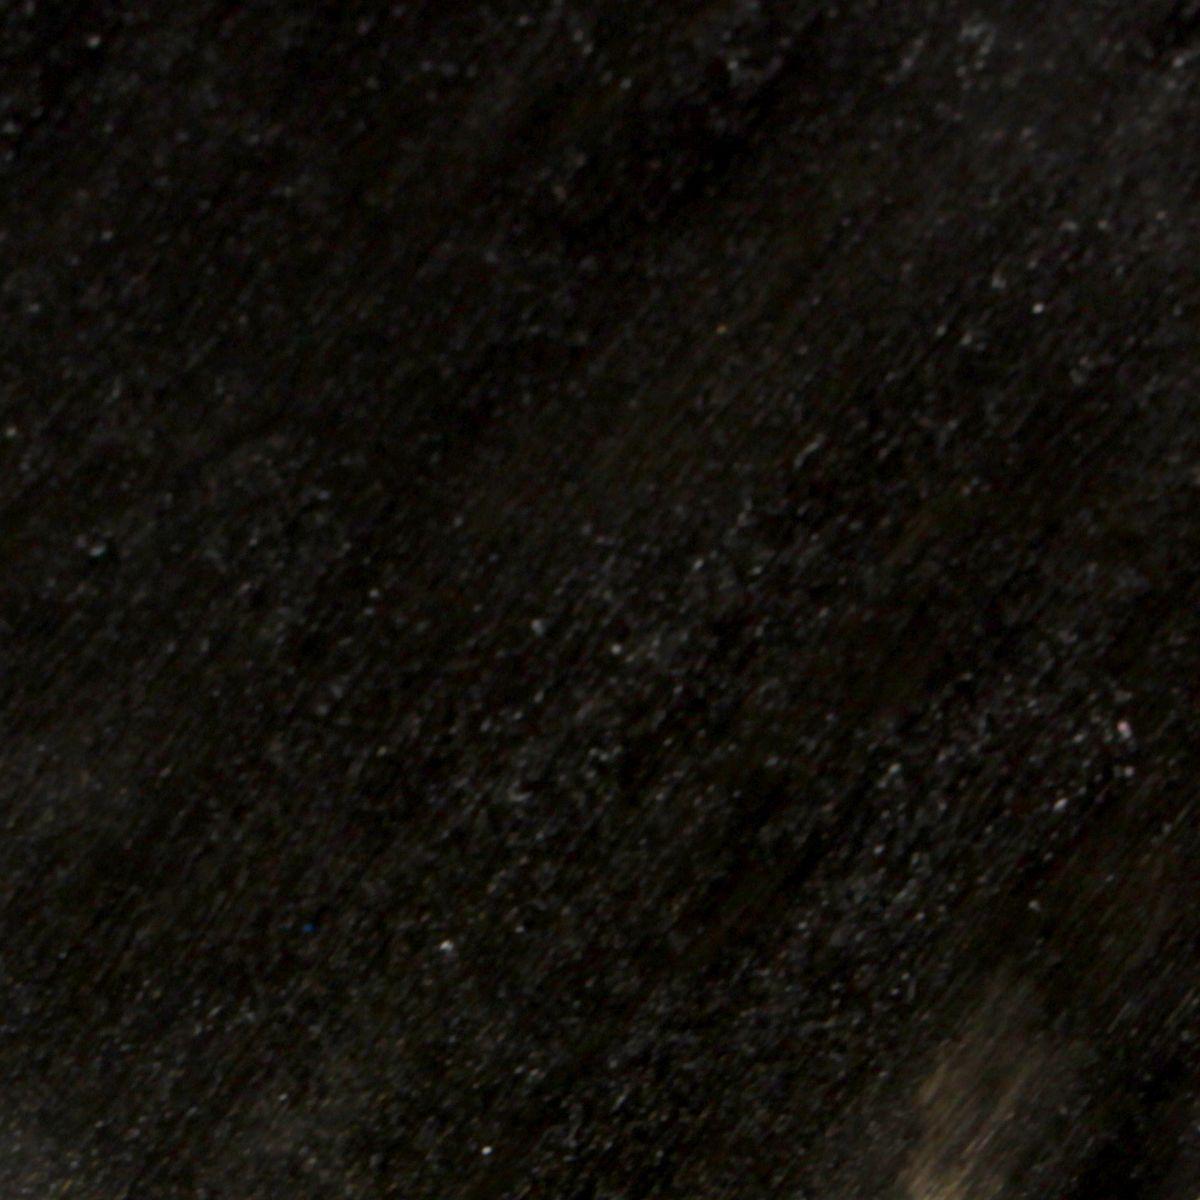 """Z0020-06, Лазурь по дереву - черный, Черный-0Z0020-06Декоративная лазурь """"Craft Premier"""" на акриловой основе великолепно подчеркивает естественную структуру древесины, создавая полупрозрачное матовое покрытие желаемого оттенка (в палитре представлены как натуральные, так и яркие цвета). В отличие от морилки"""